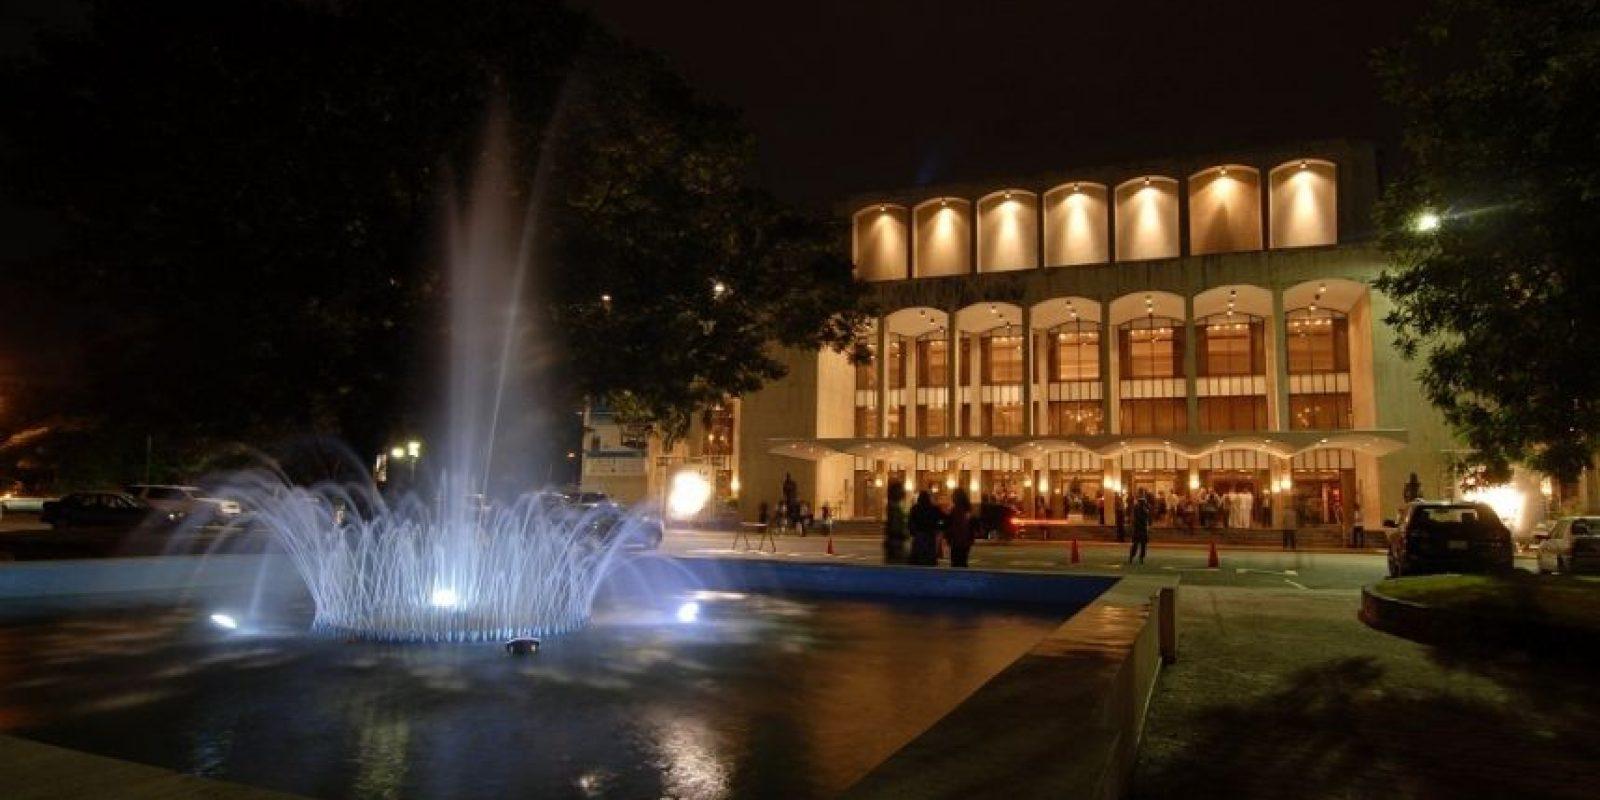 Vista nocturna del Teatro Nacional Eduardo Brito, locación donde se llevará a cabo el Soberano. Foto:Fuente externa